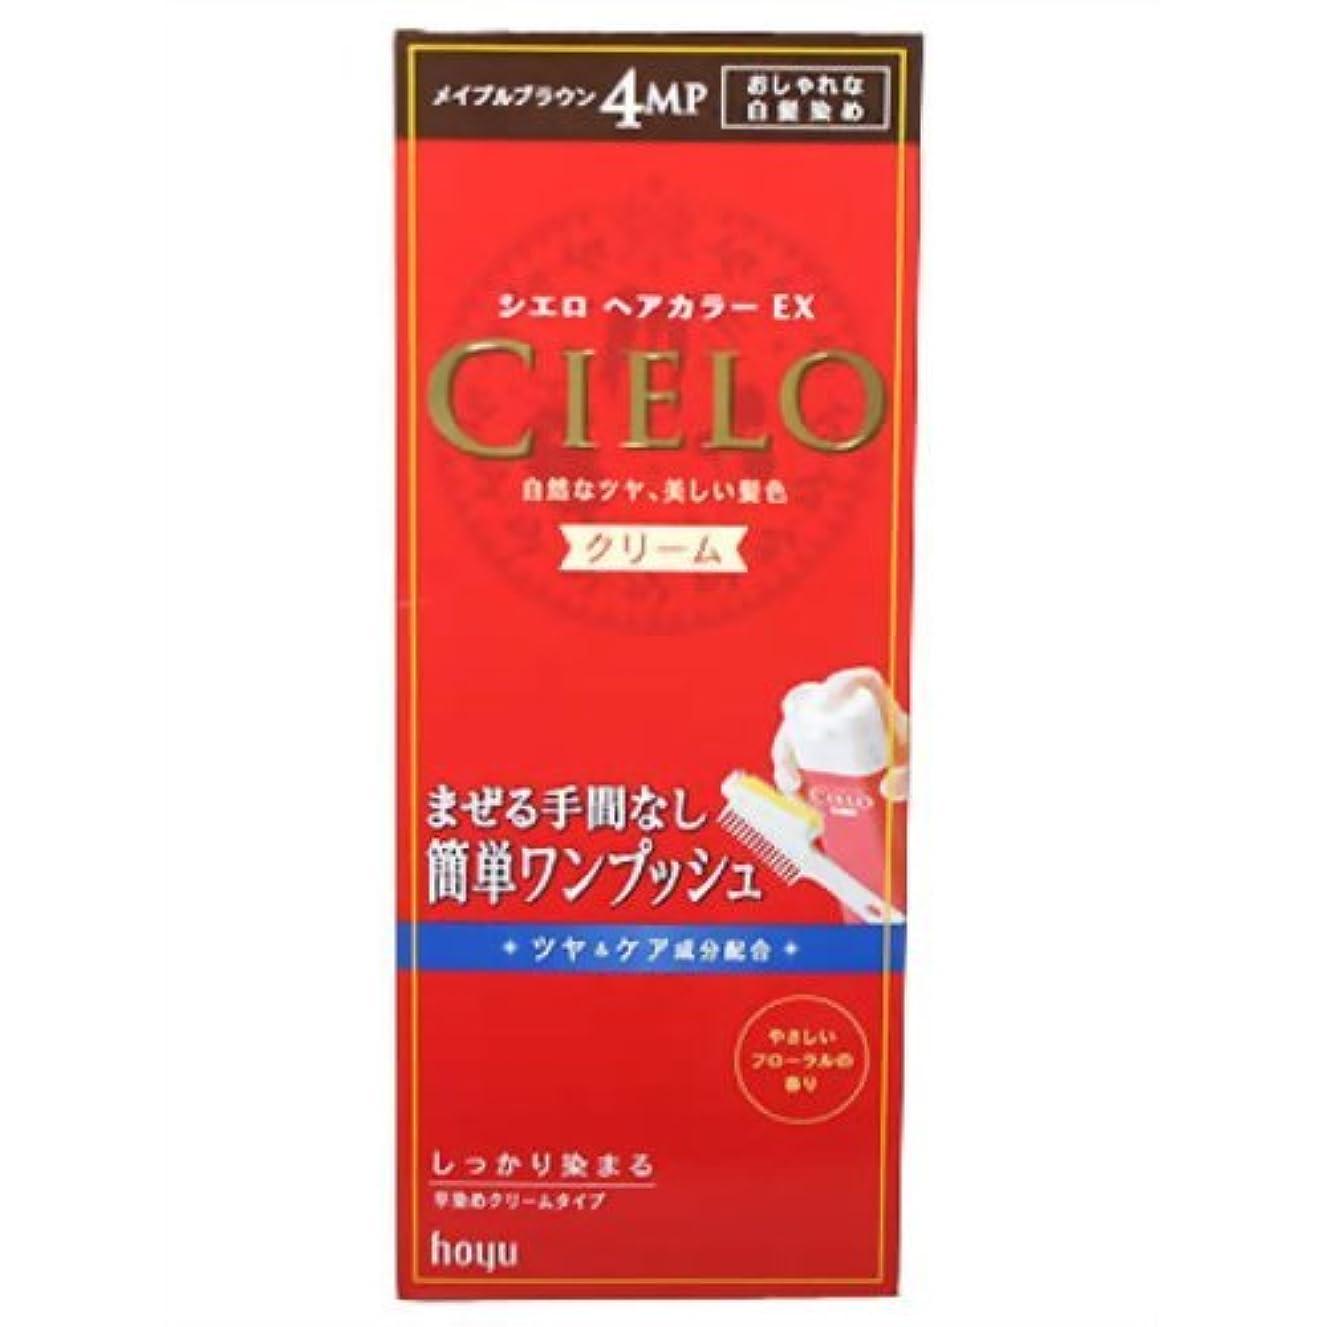 シエロ ヘアカラ-EX クリ-ム 4MP メイプルブラウン